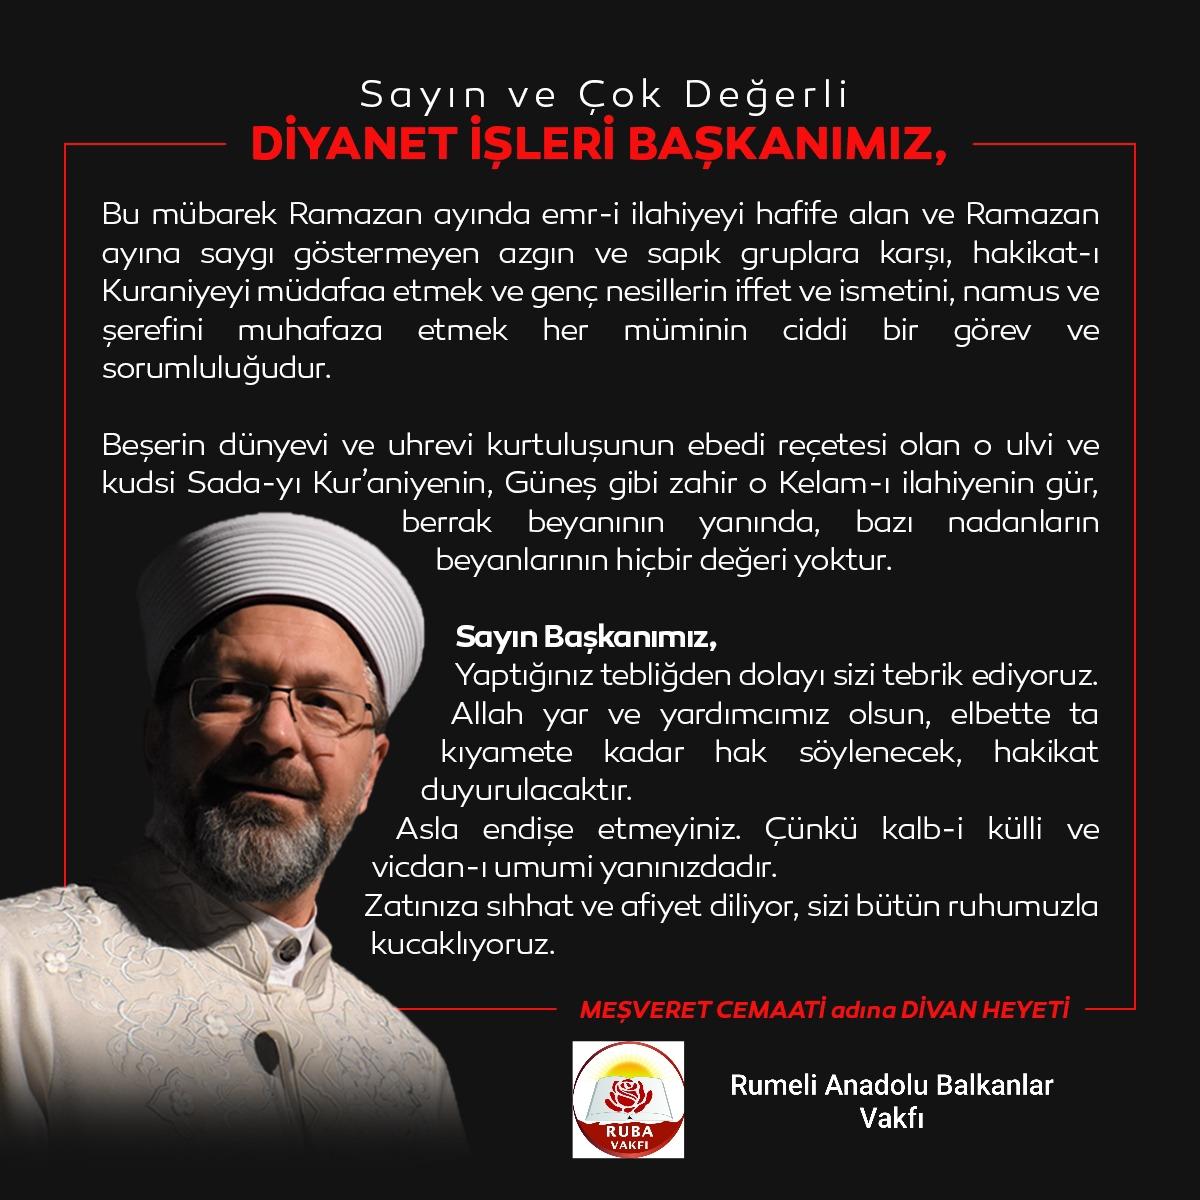 Diyanet işleri Başkanı Ali Erbaş'ın yanındayız